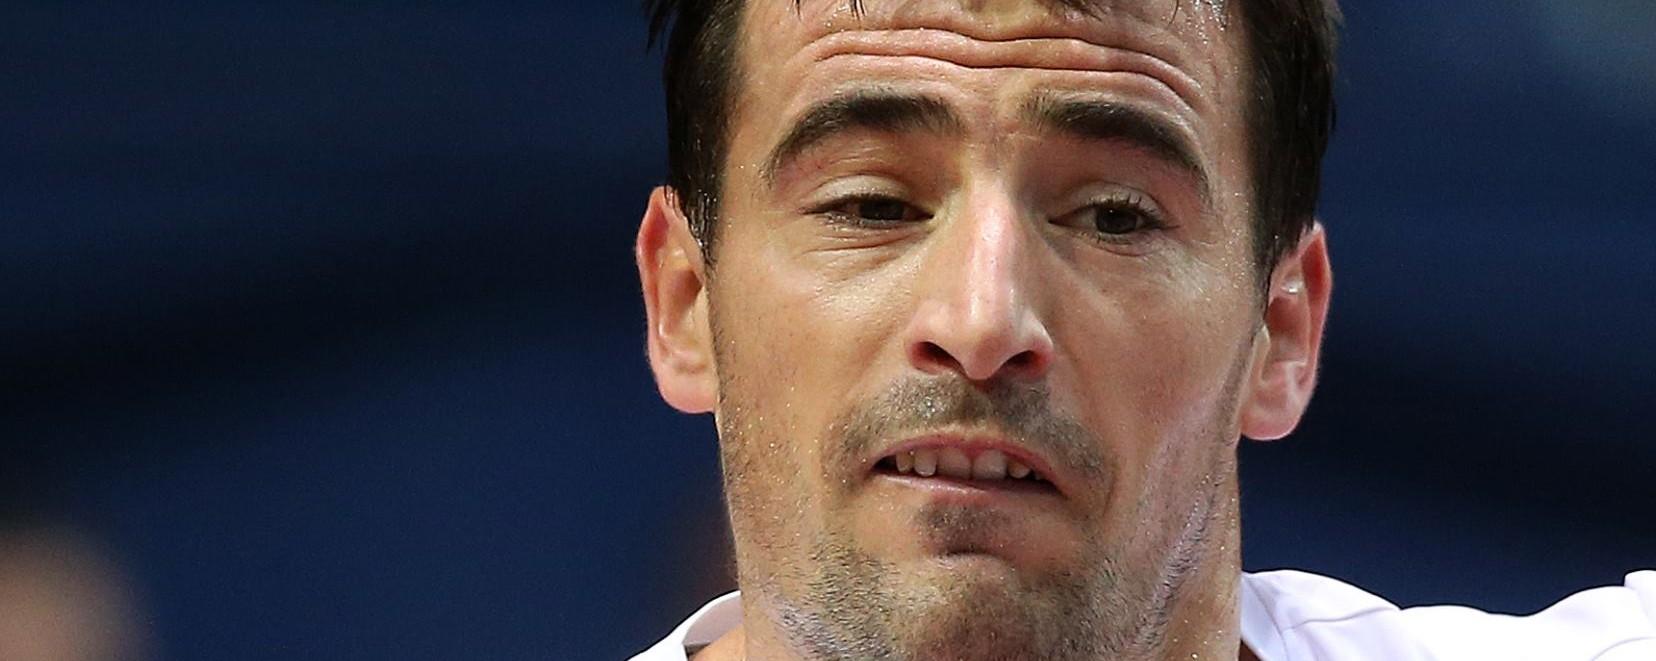 US Open: Mrdeža prošla kvalifikacije, porazi Dodiga i Martić